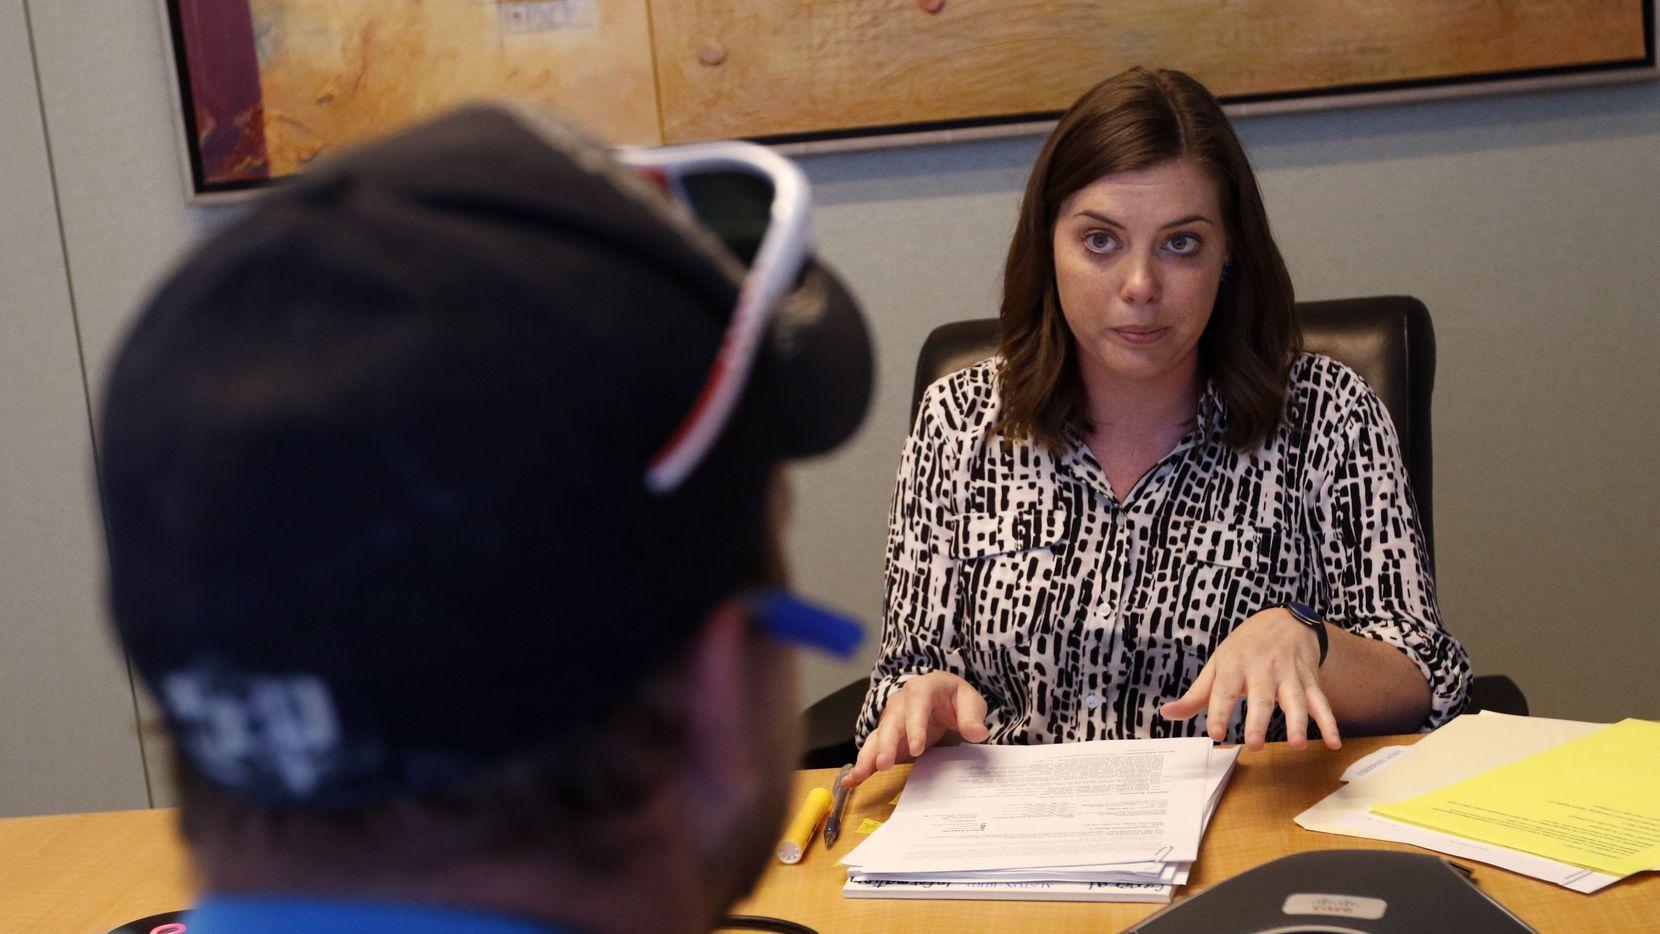 Durante todo el mes de enero habrá clínicas legales gratuitas. Se trata de un servicio del Programa de Abogados Voluntarios de Dallas.